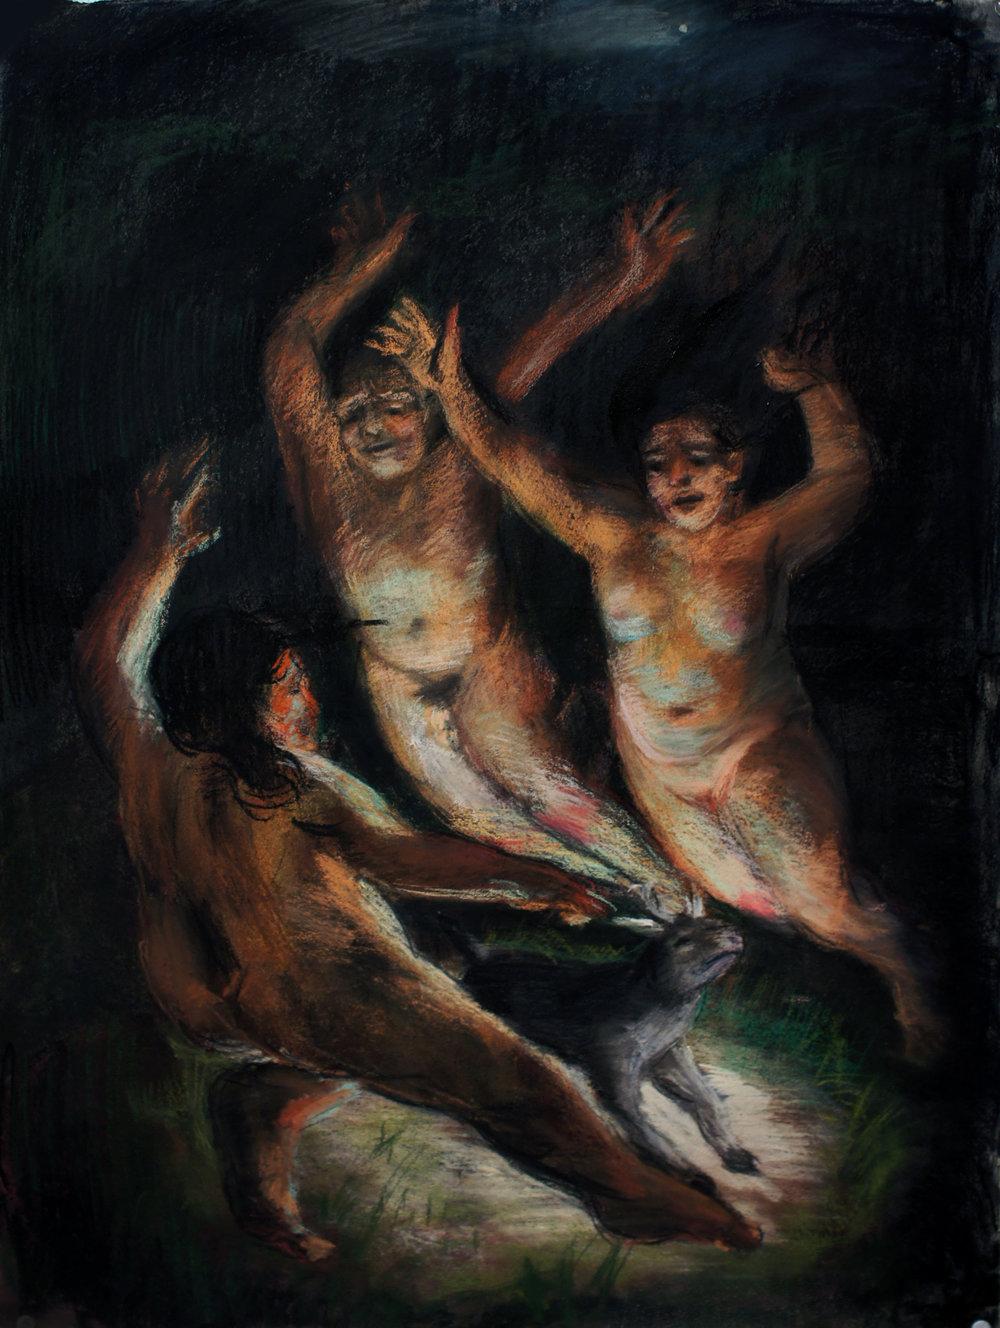 Brujeria (Witchcraft)